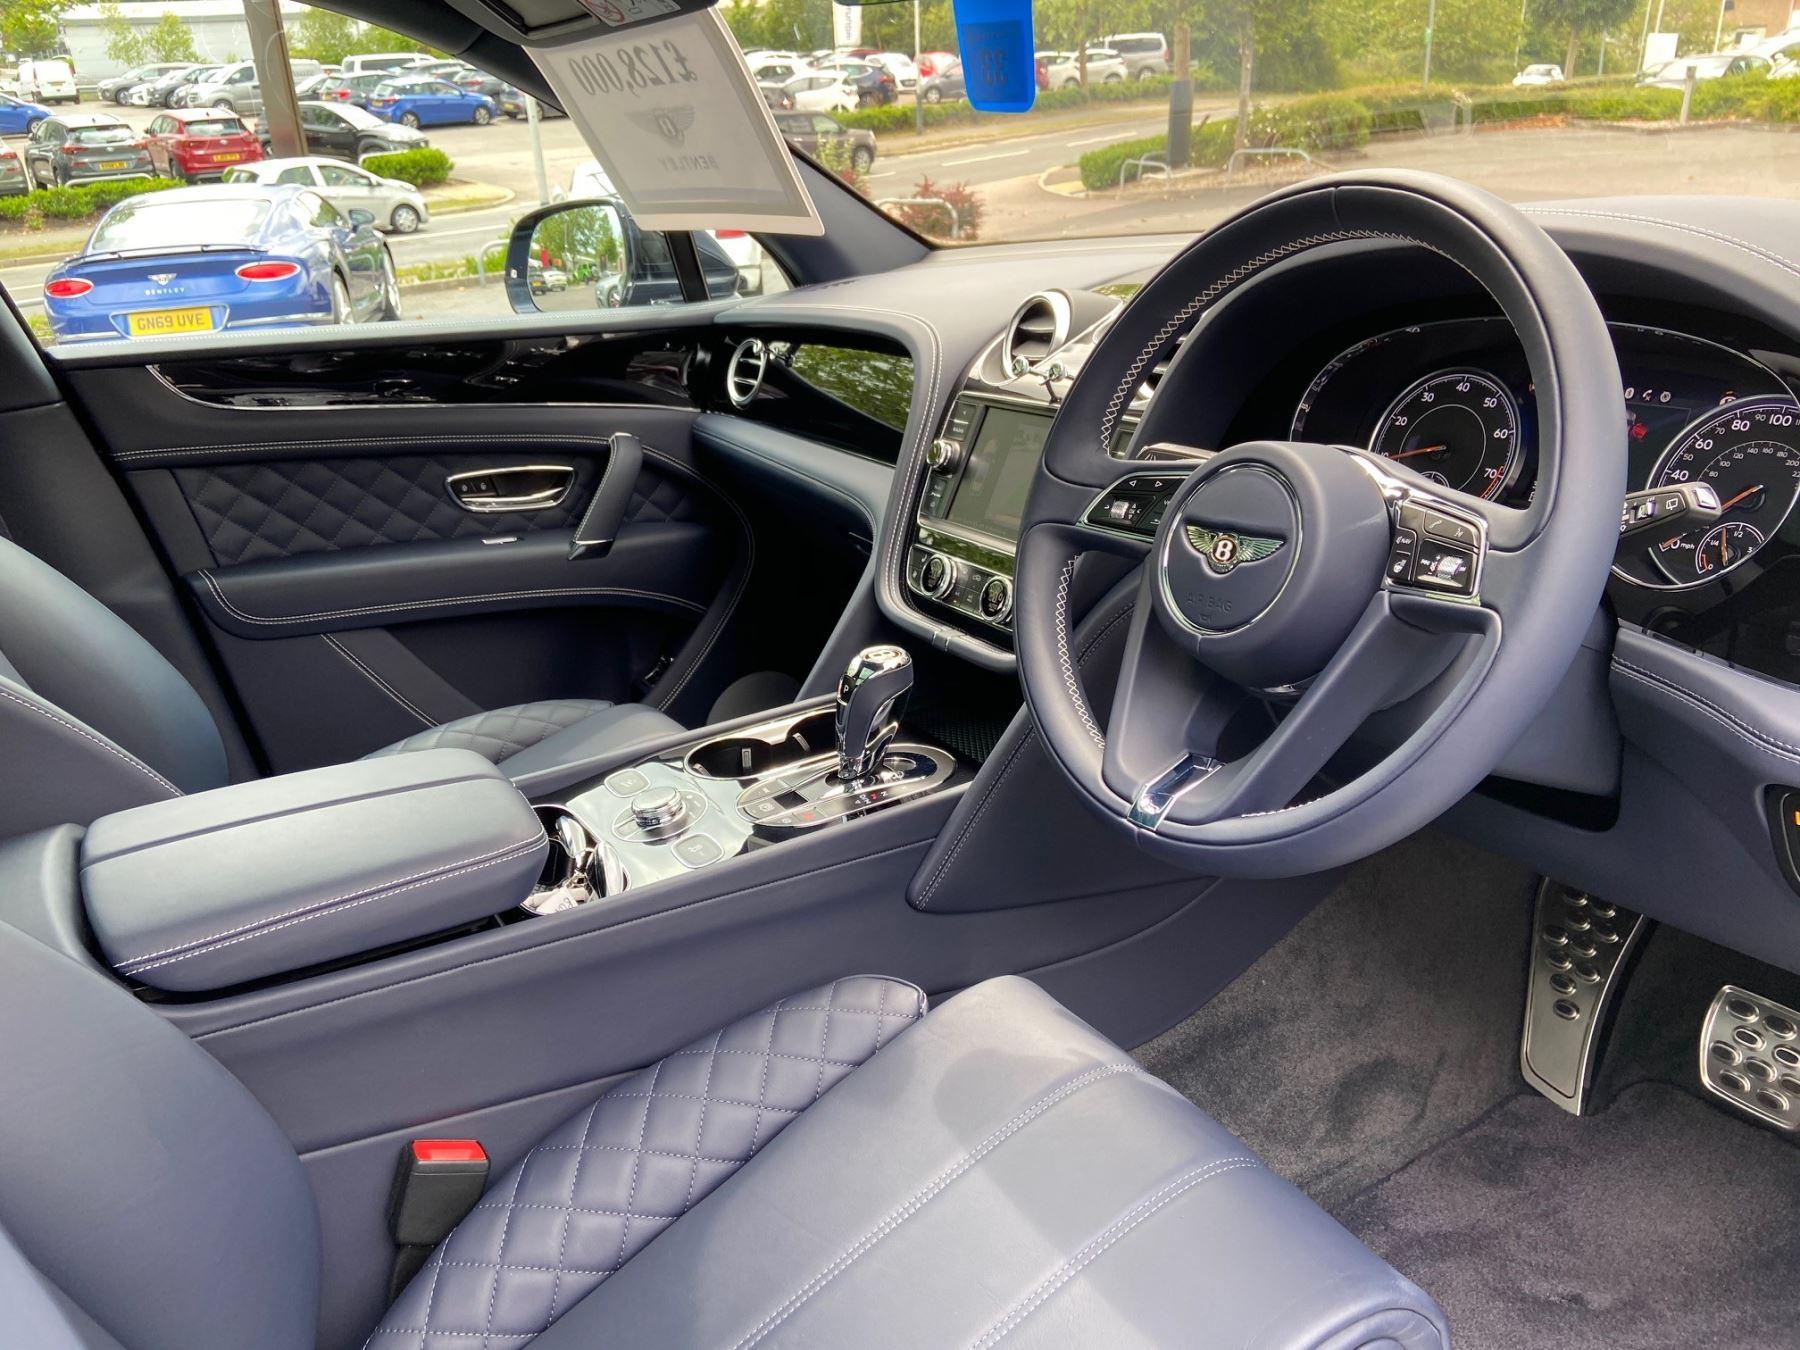 Bentley Bentayga 4.0 V8 5dr Mulliner Driving Specification image 9